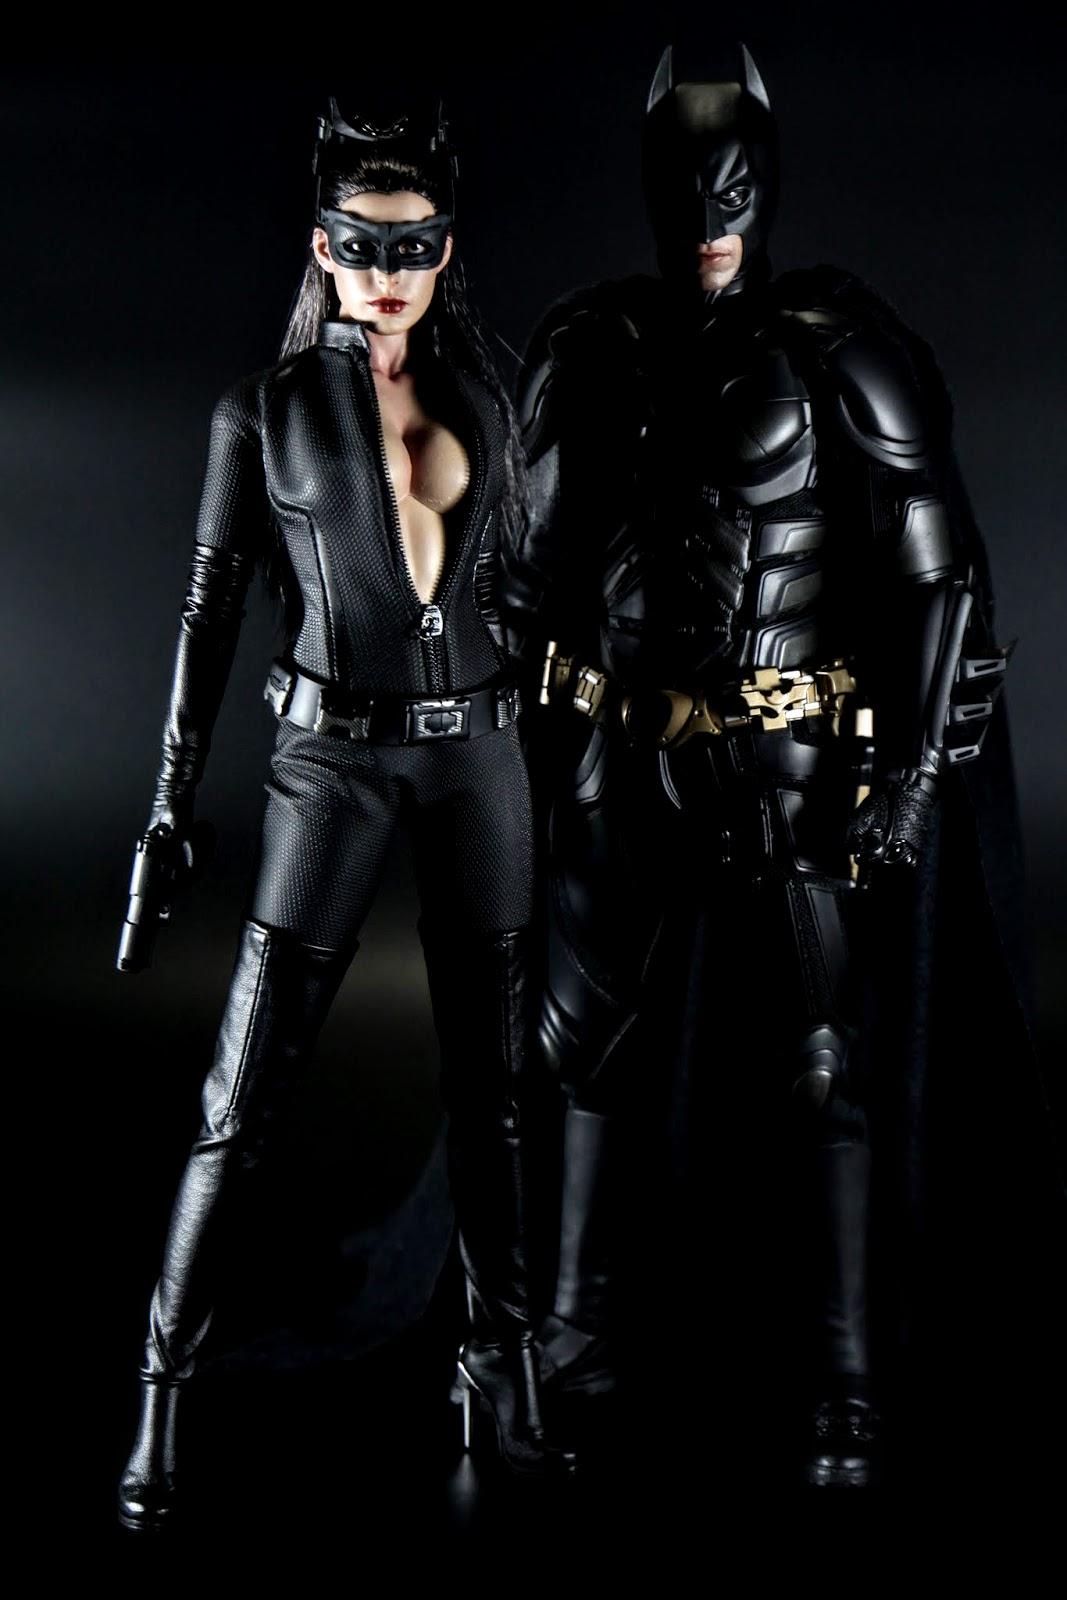 賢伉儷~雖然穿高跟鞋但還是比蝙蝠俠矮了一點